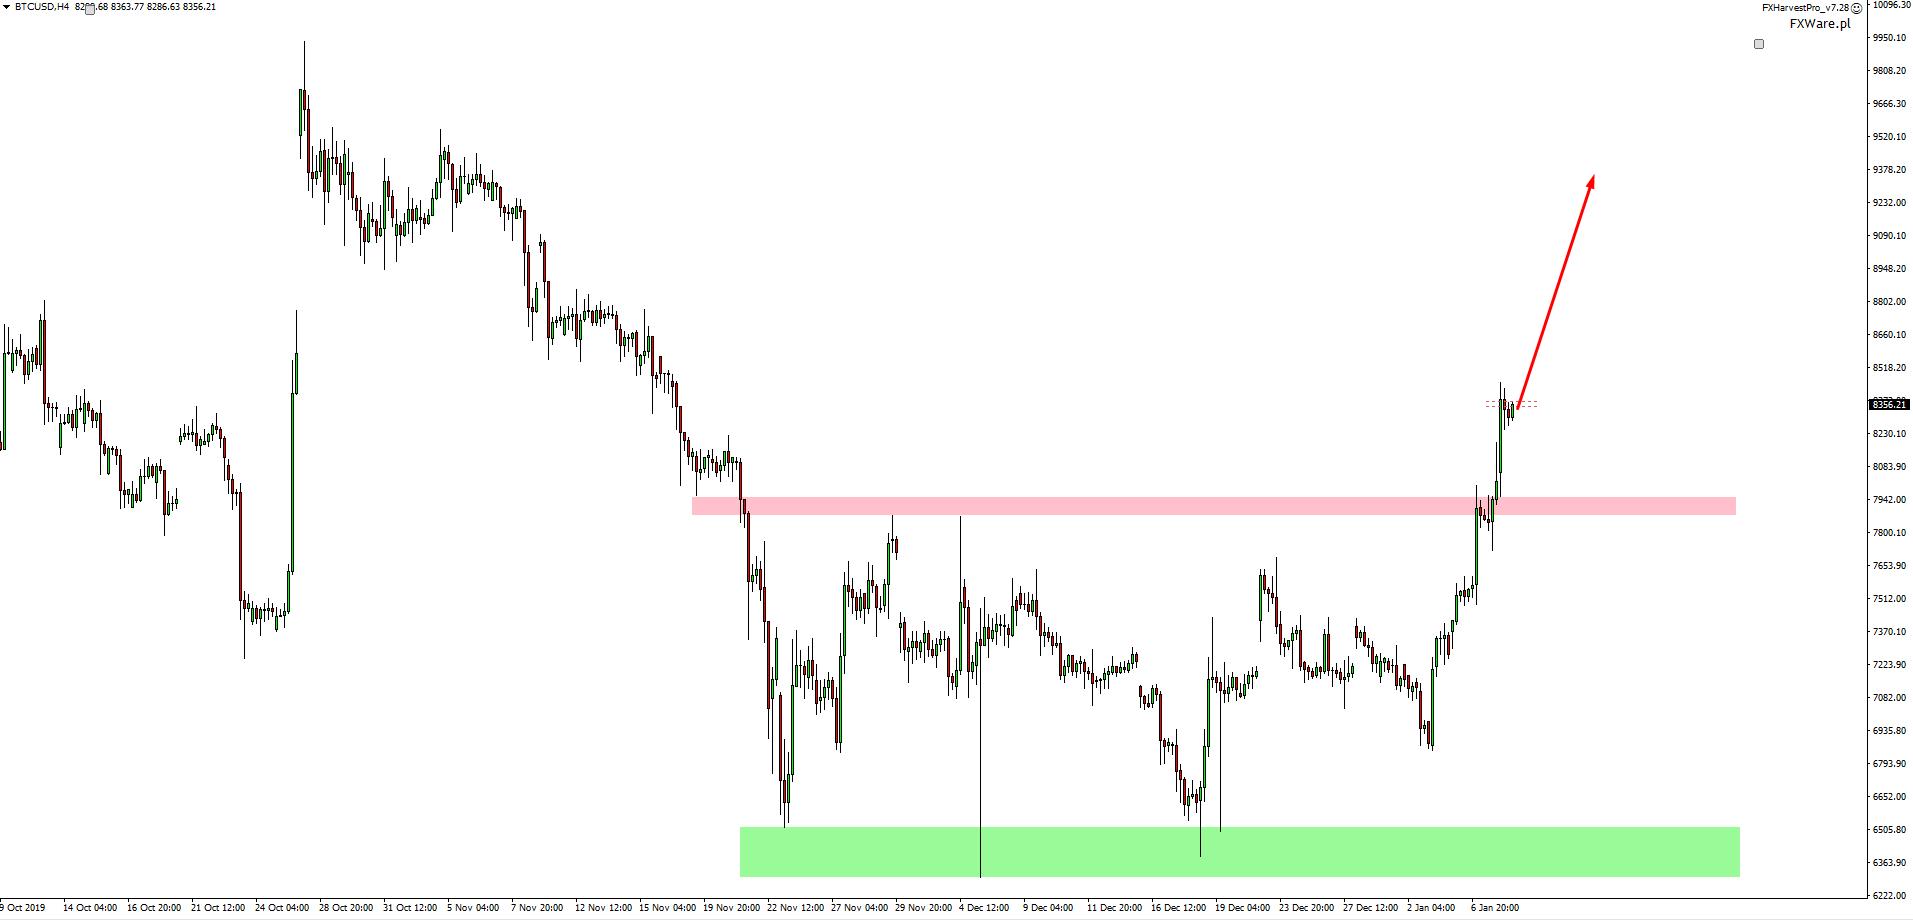 Cena bitcoina 8.01